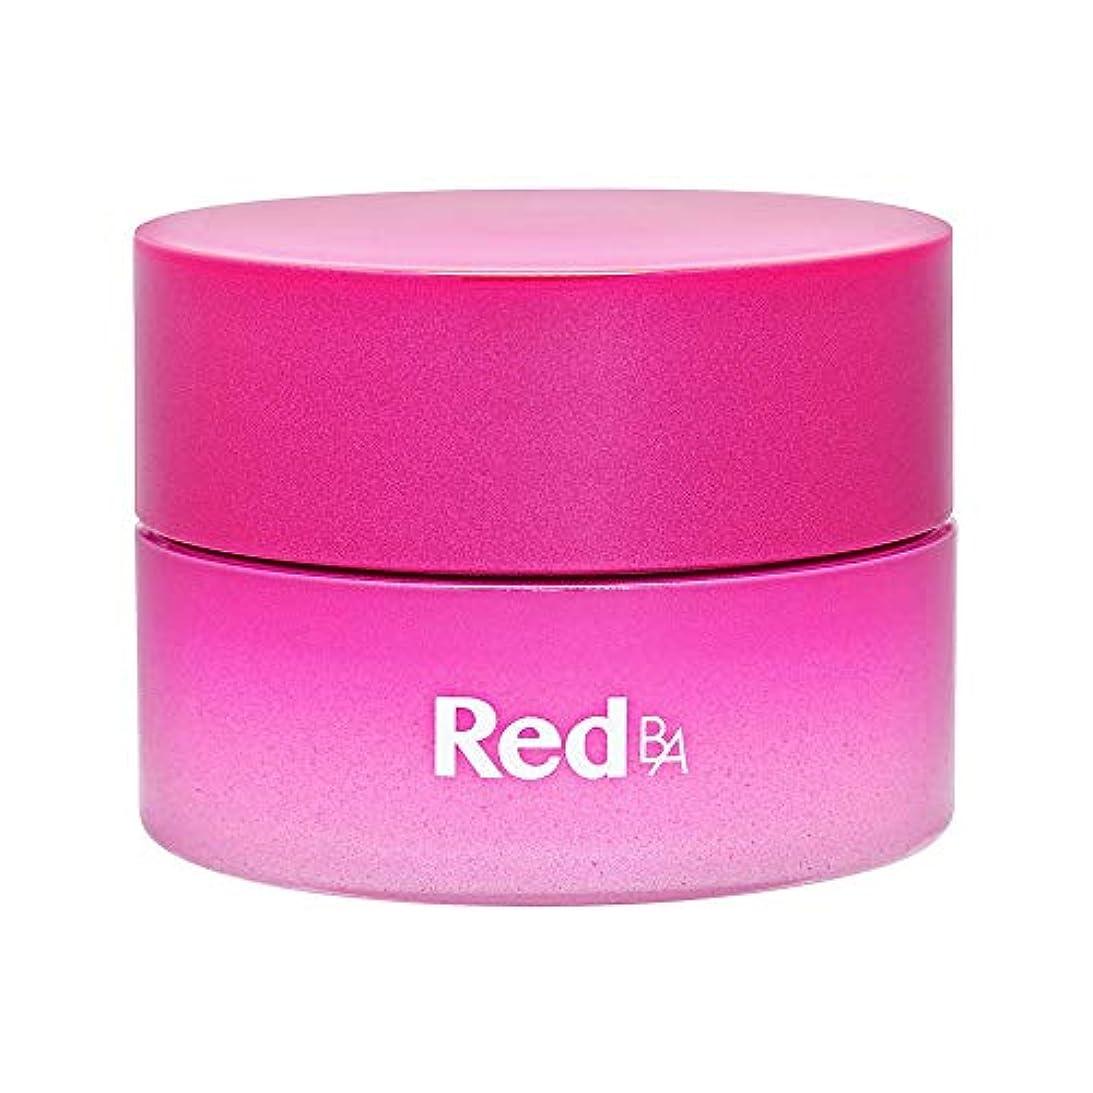 ポーラ Red B.A マルチコンセントレート 50g [並行輸入品]